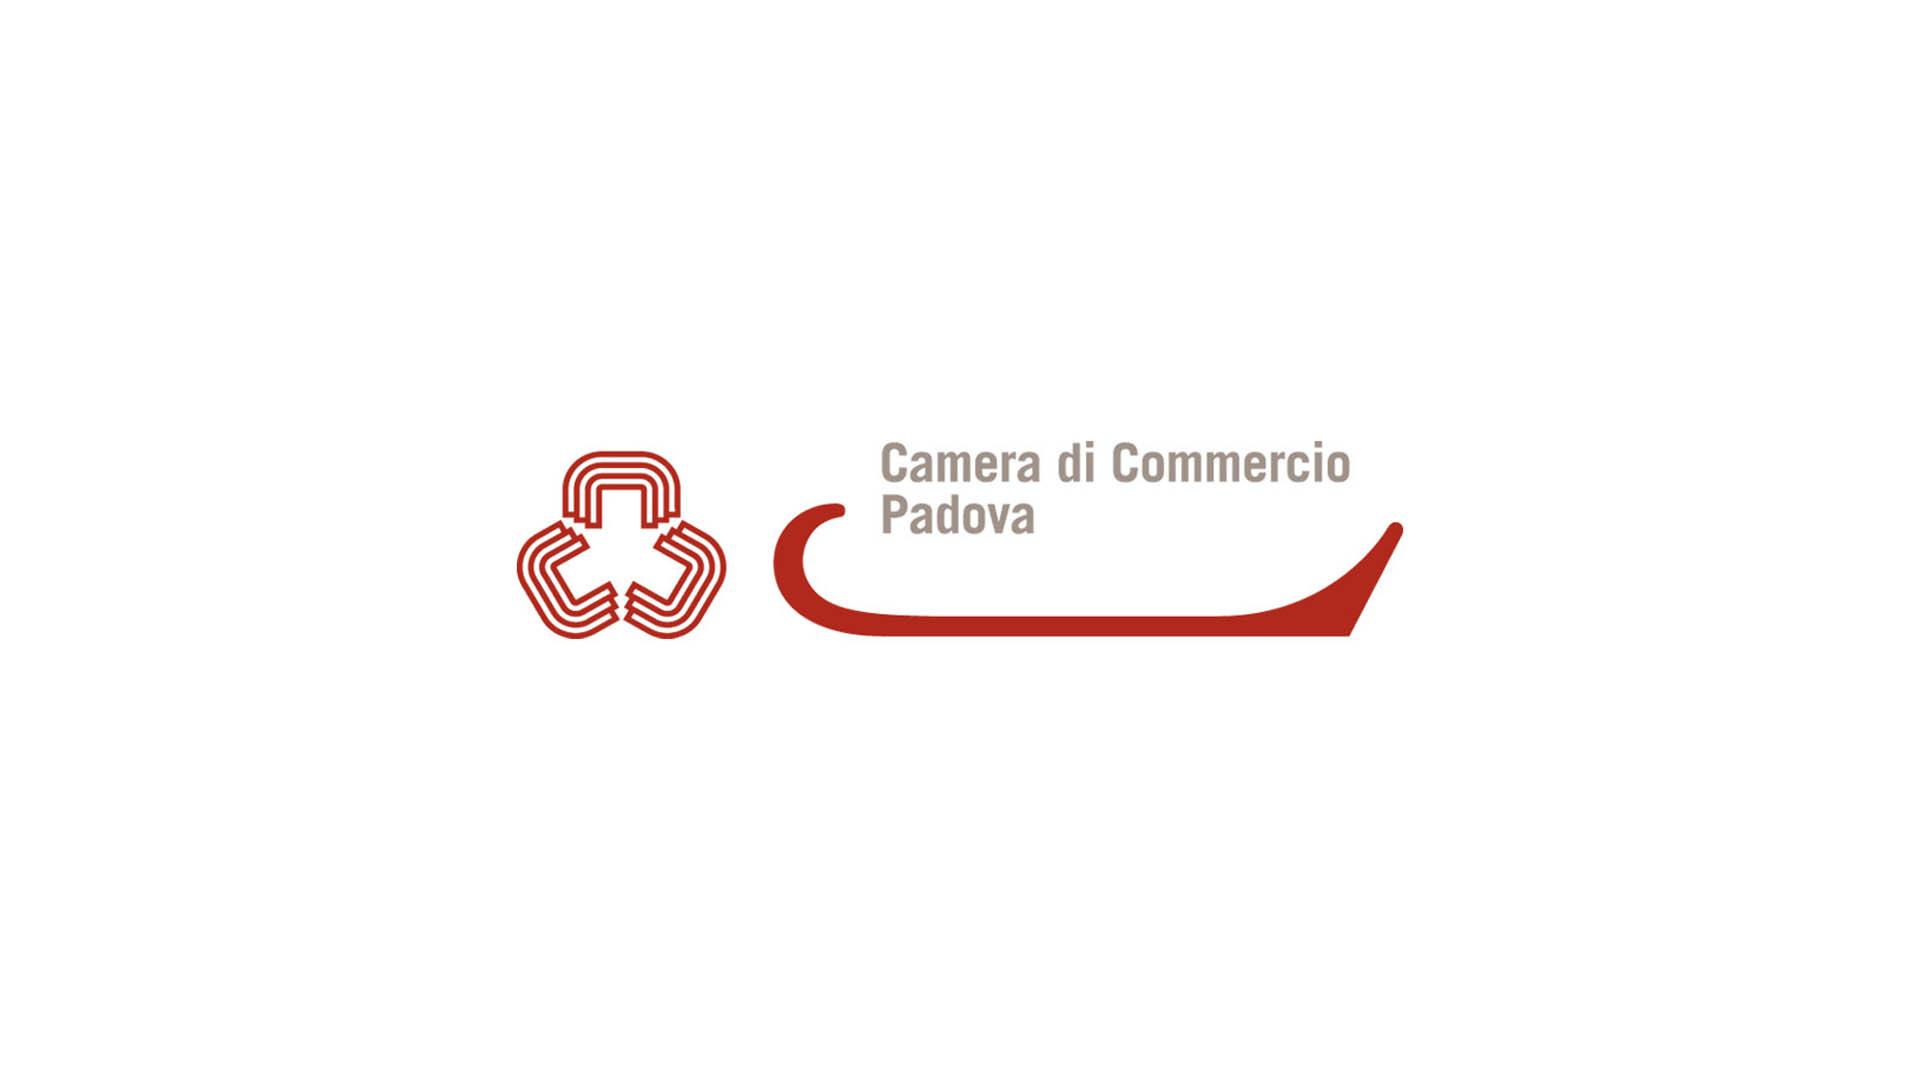 Logo camera di commercio Padova